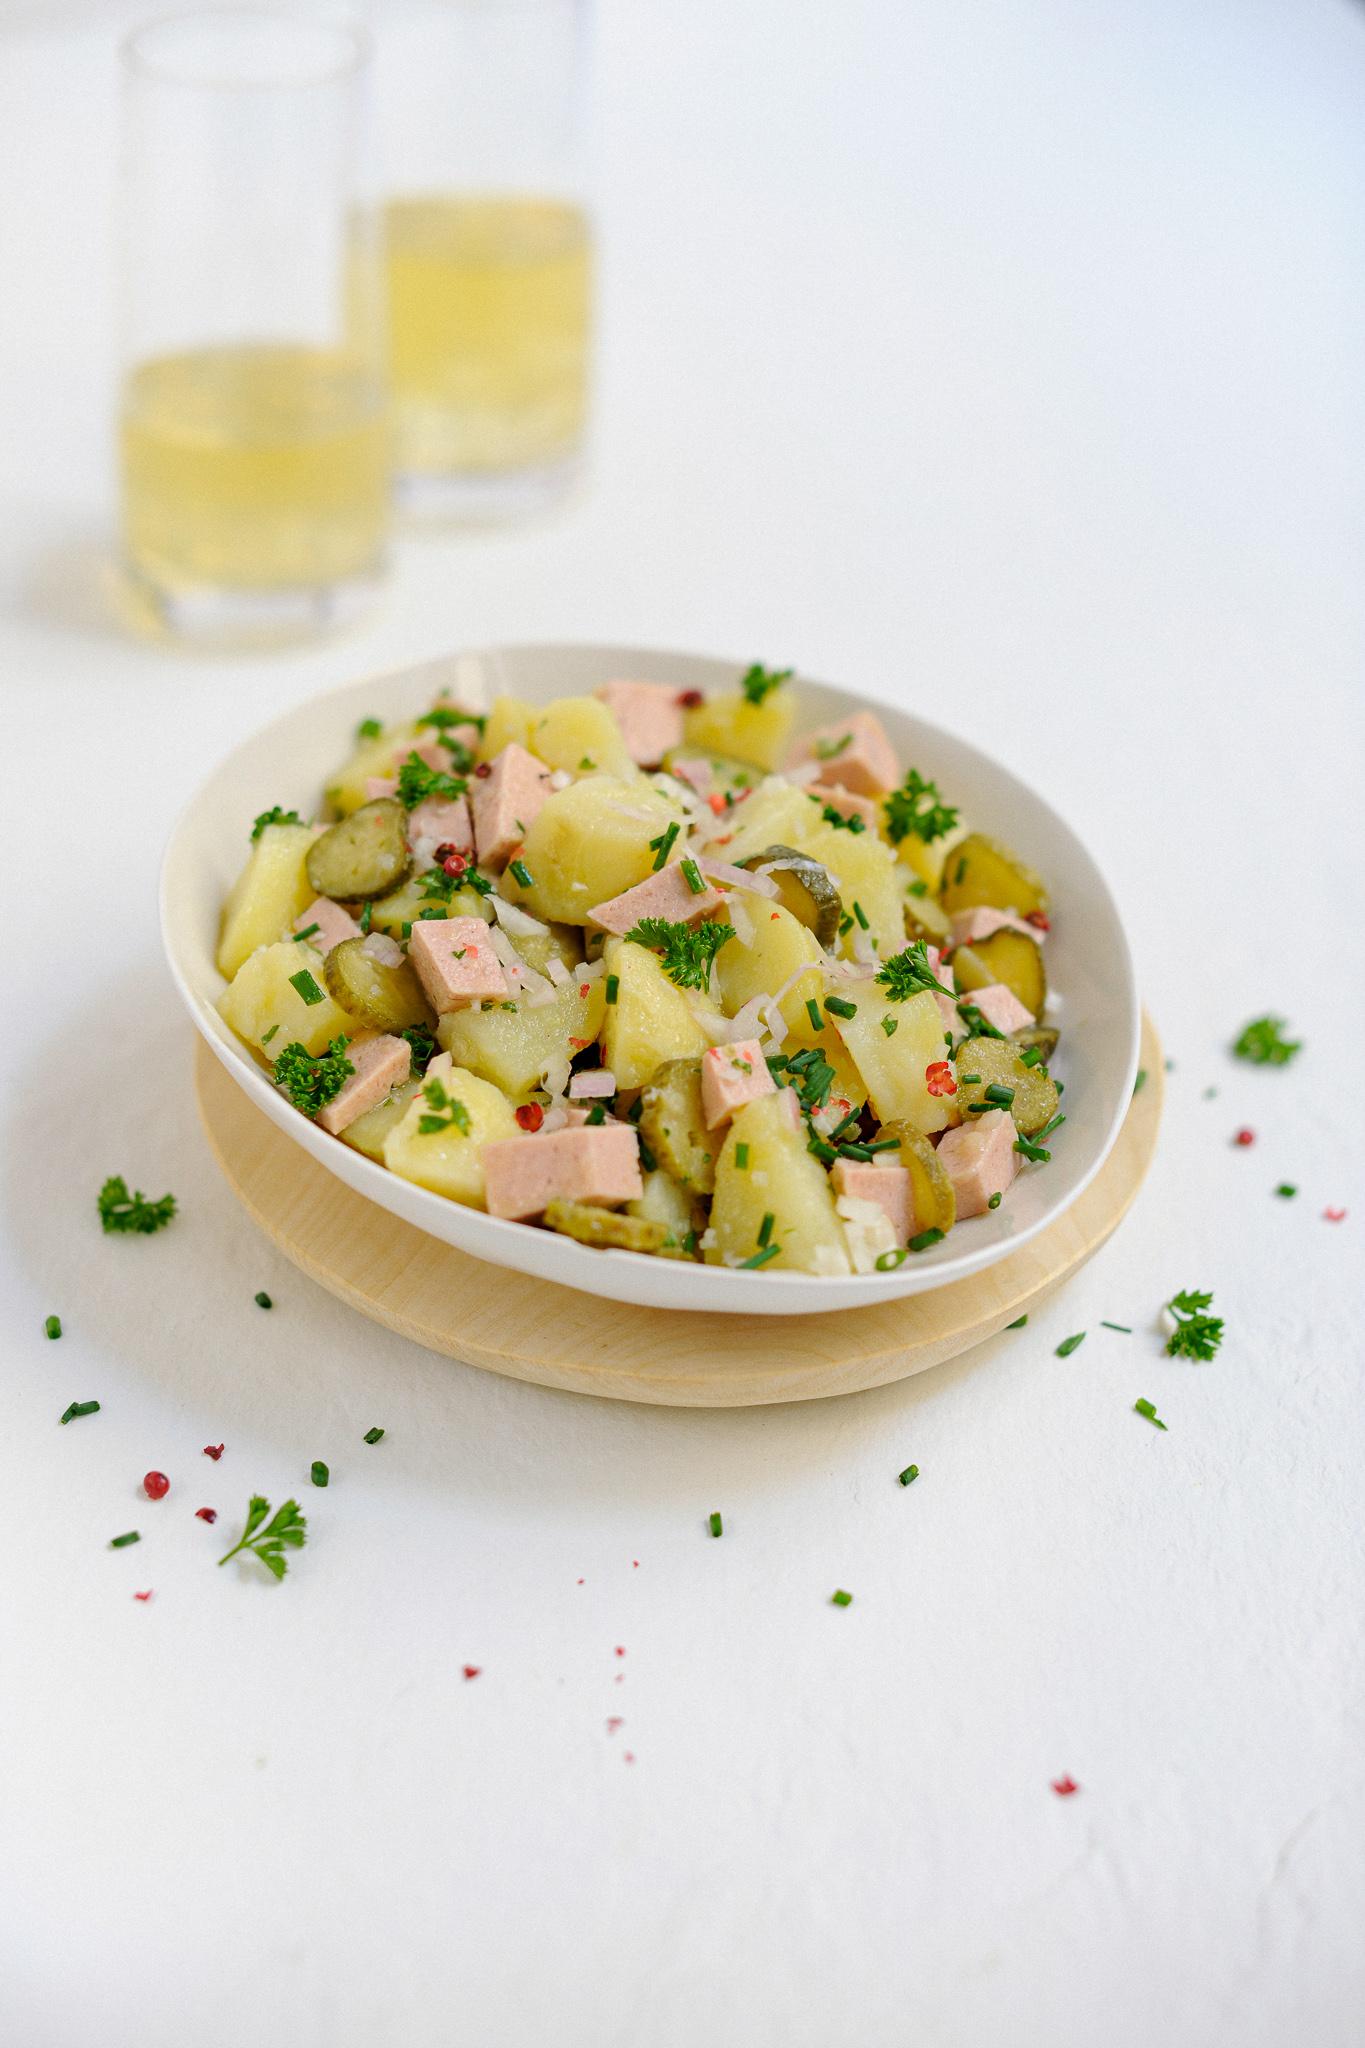 blog labelaure photographe et styliste culinaire salade tiède de pommes terre cervelas